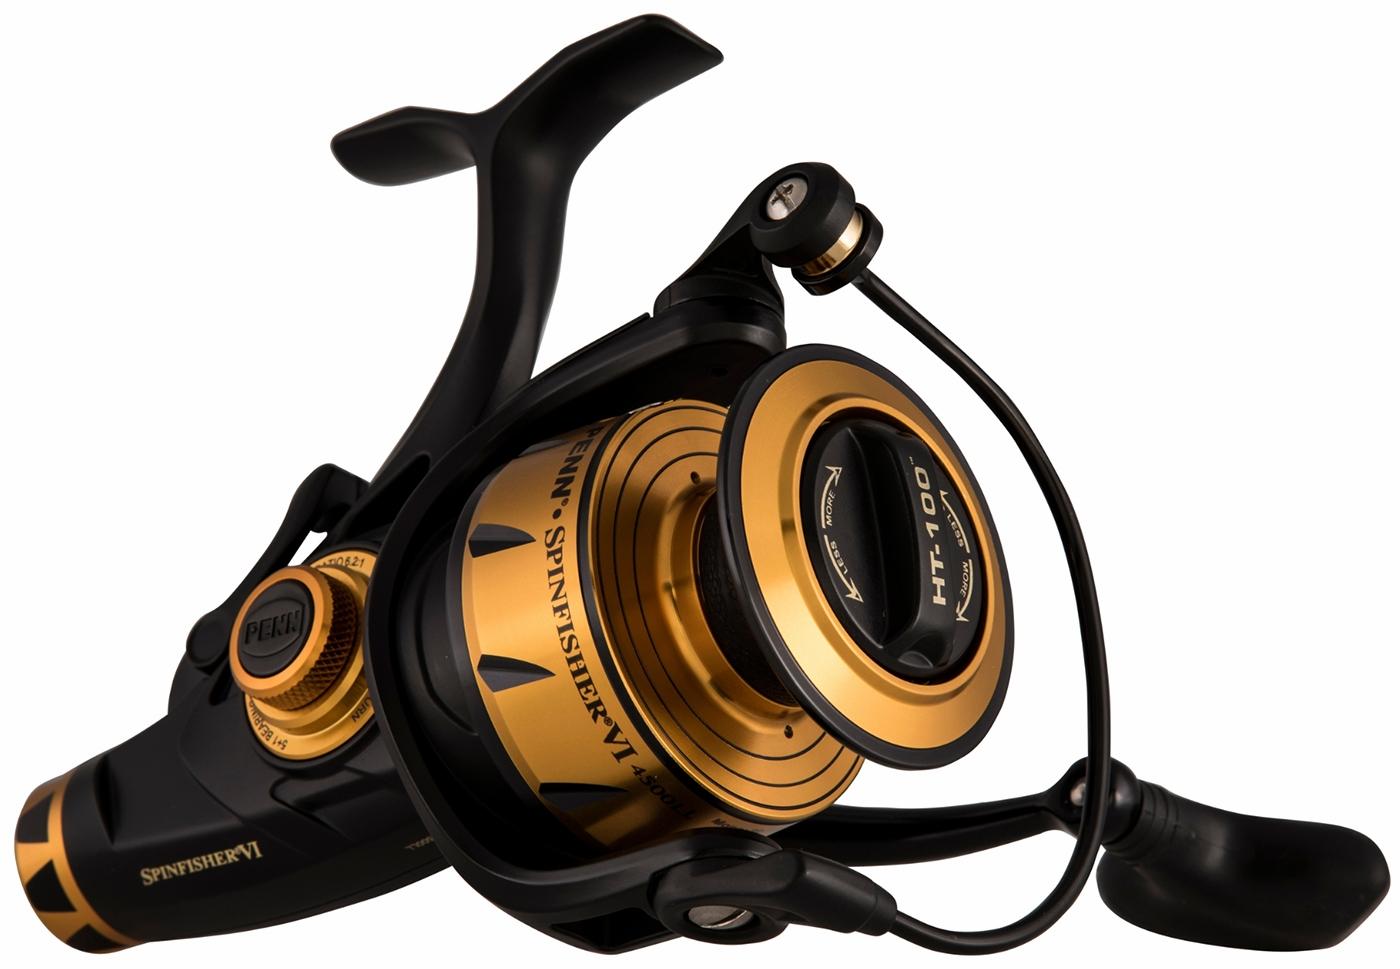 Penn Spinfisher Ssv 8500 schwarz S